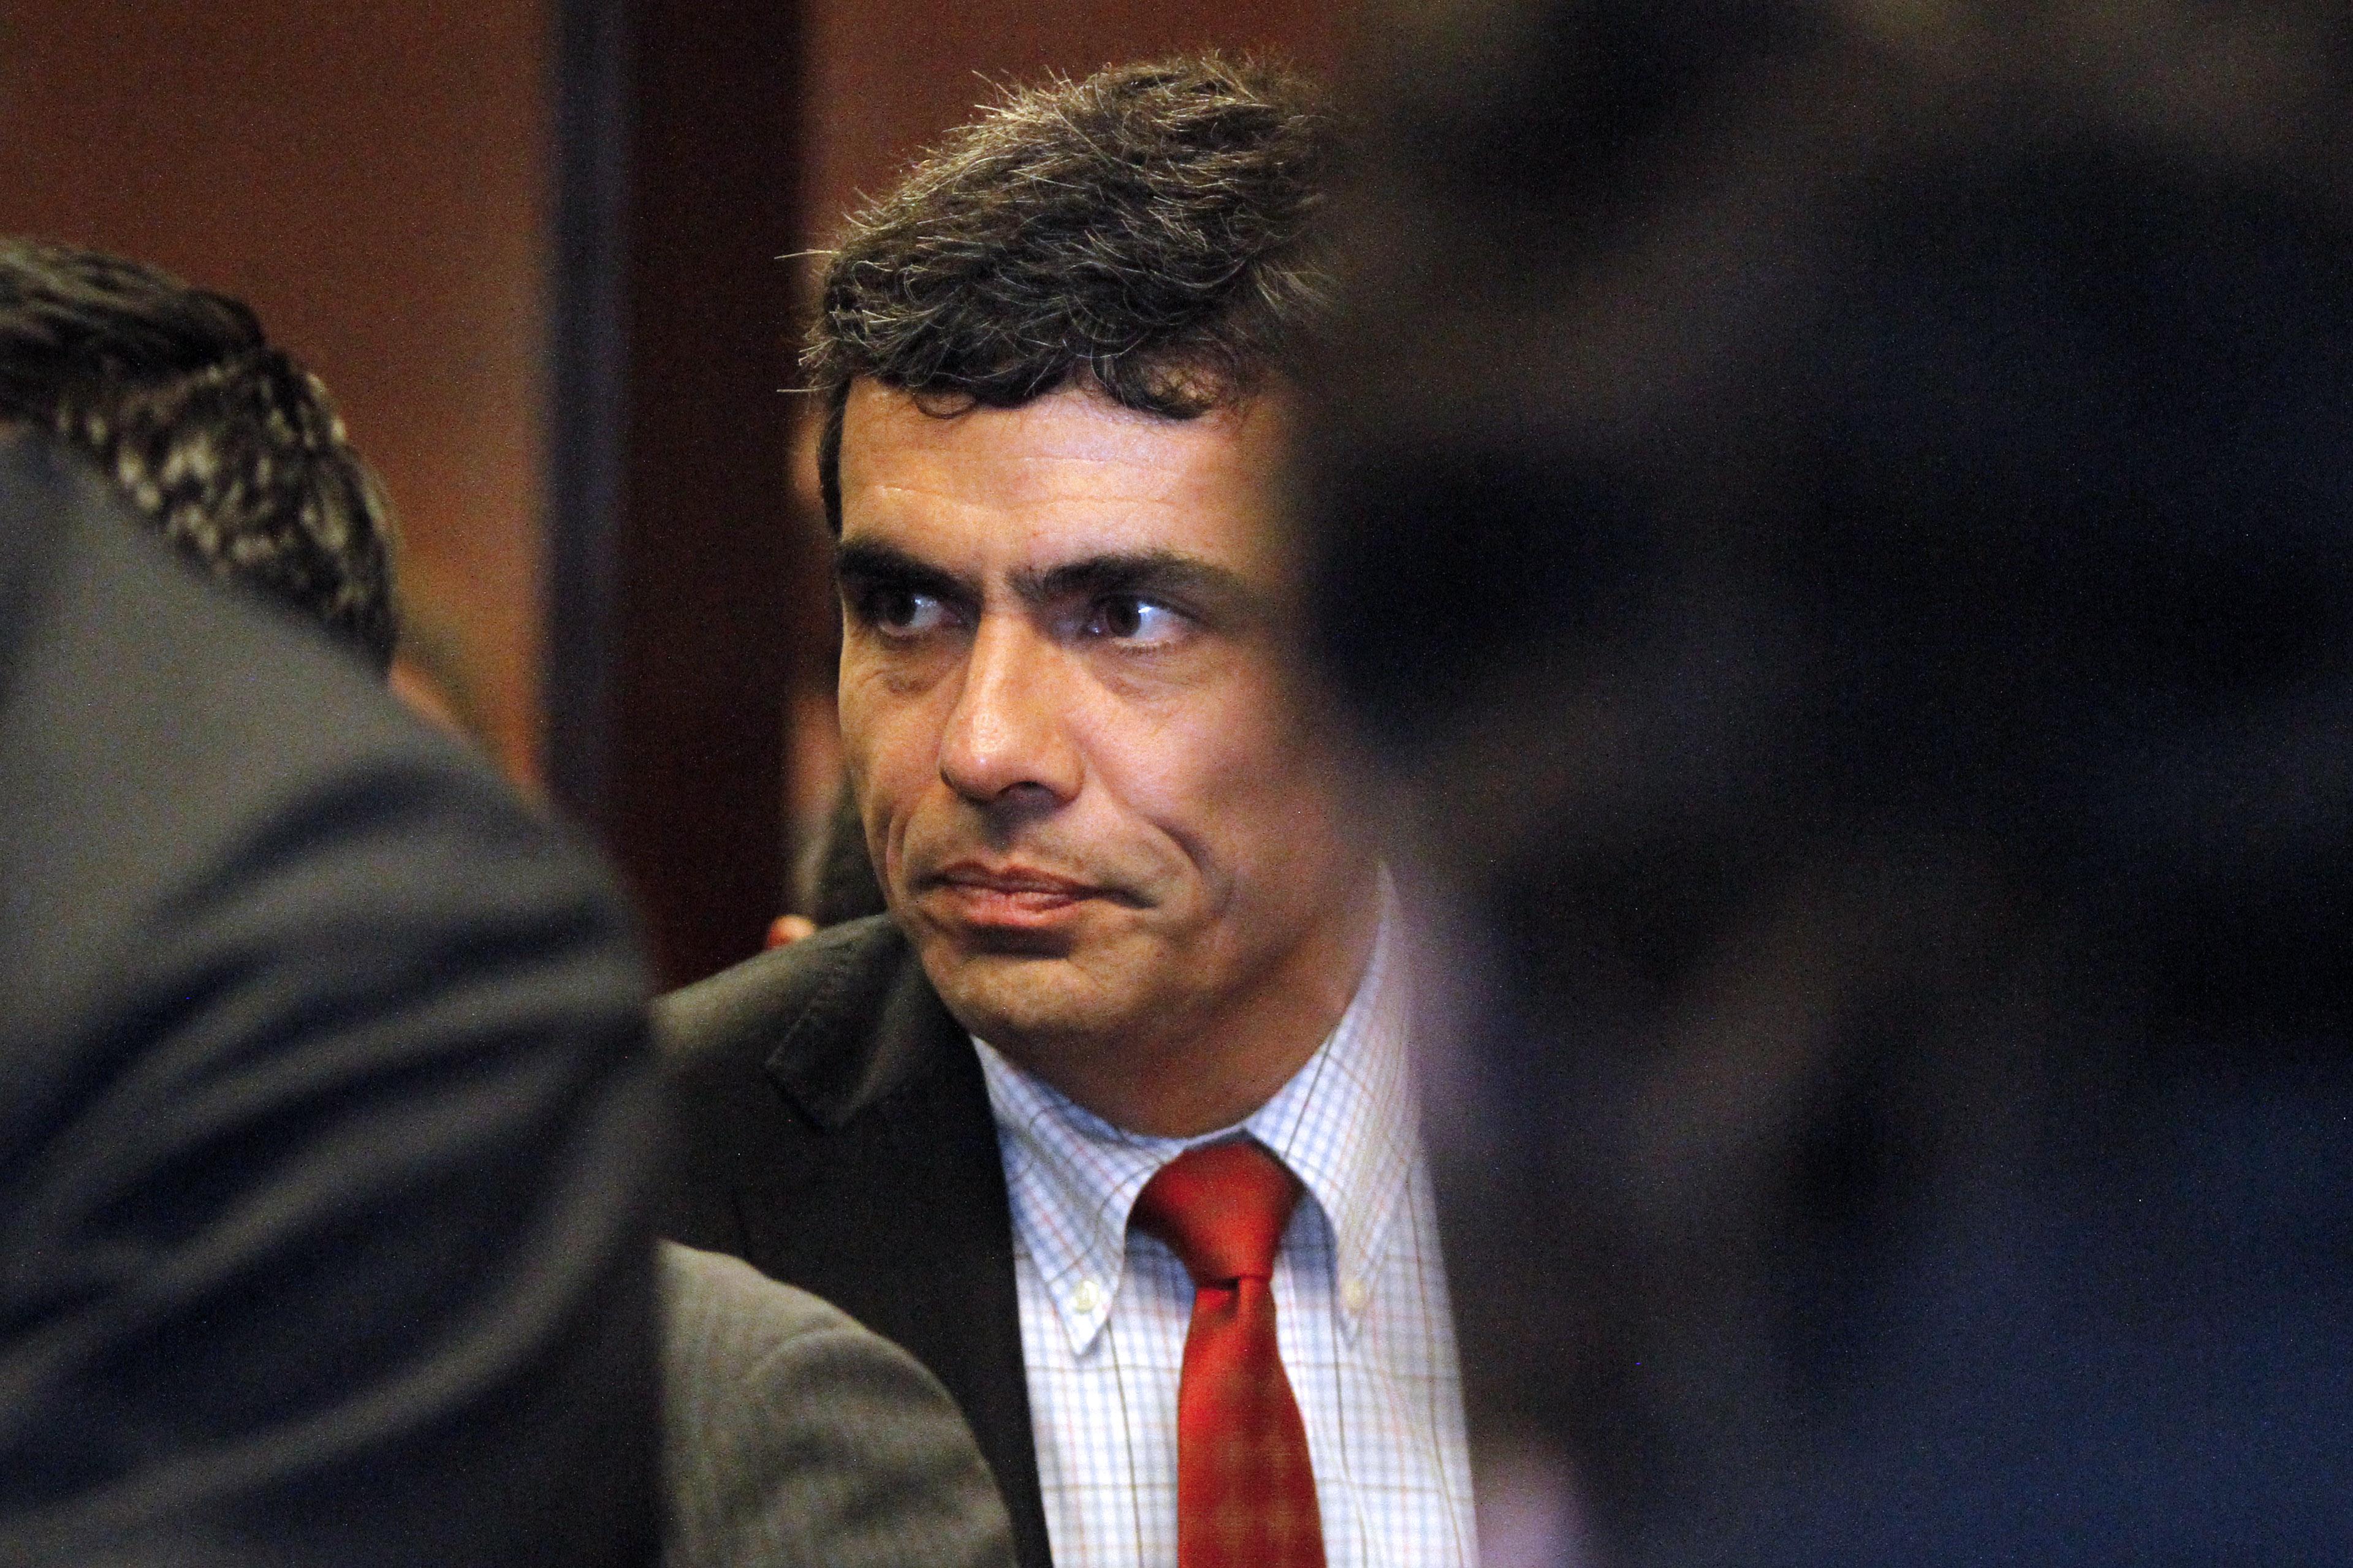 """""""Muy buena iniciativa"""": ex fiscal Gajardo celebra oficio del diputado Winter al SII por no querellarse contra Longueira"""